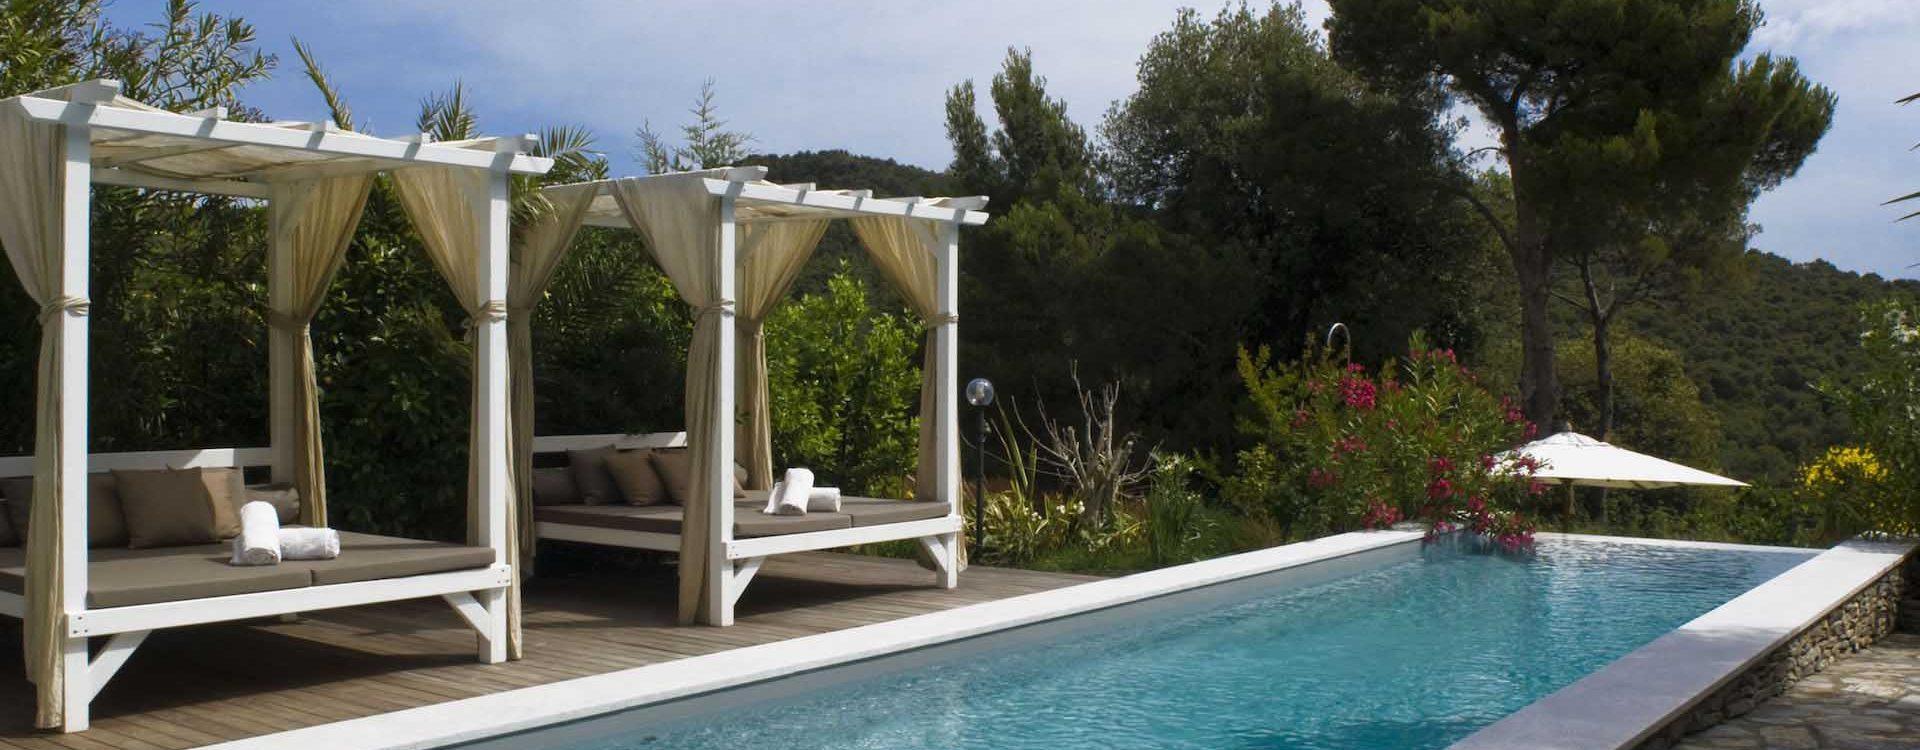 mediterranea luxory house castiglioncello 005